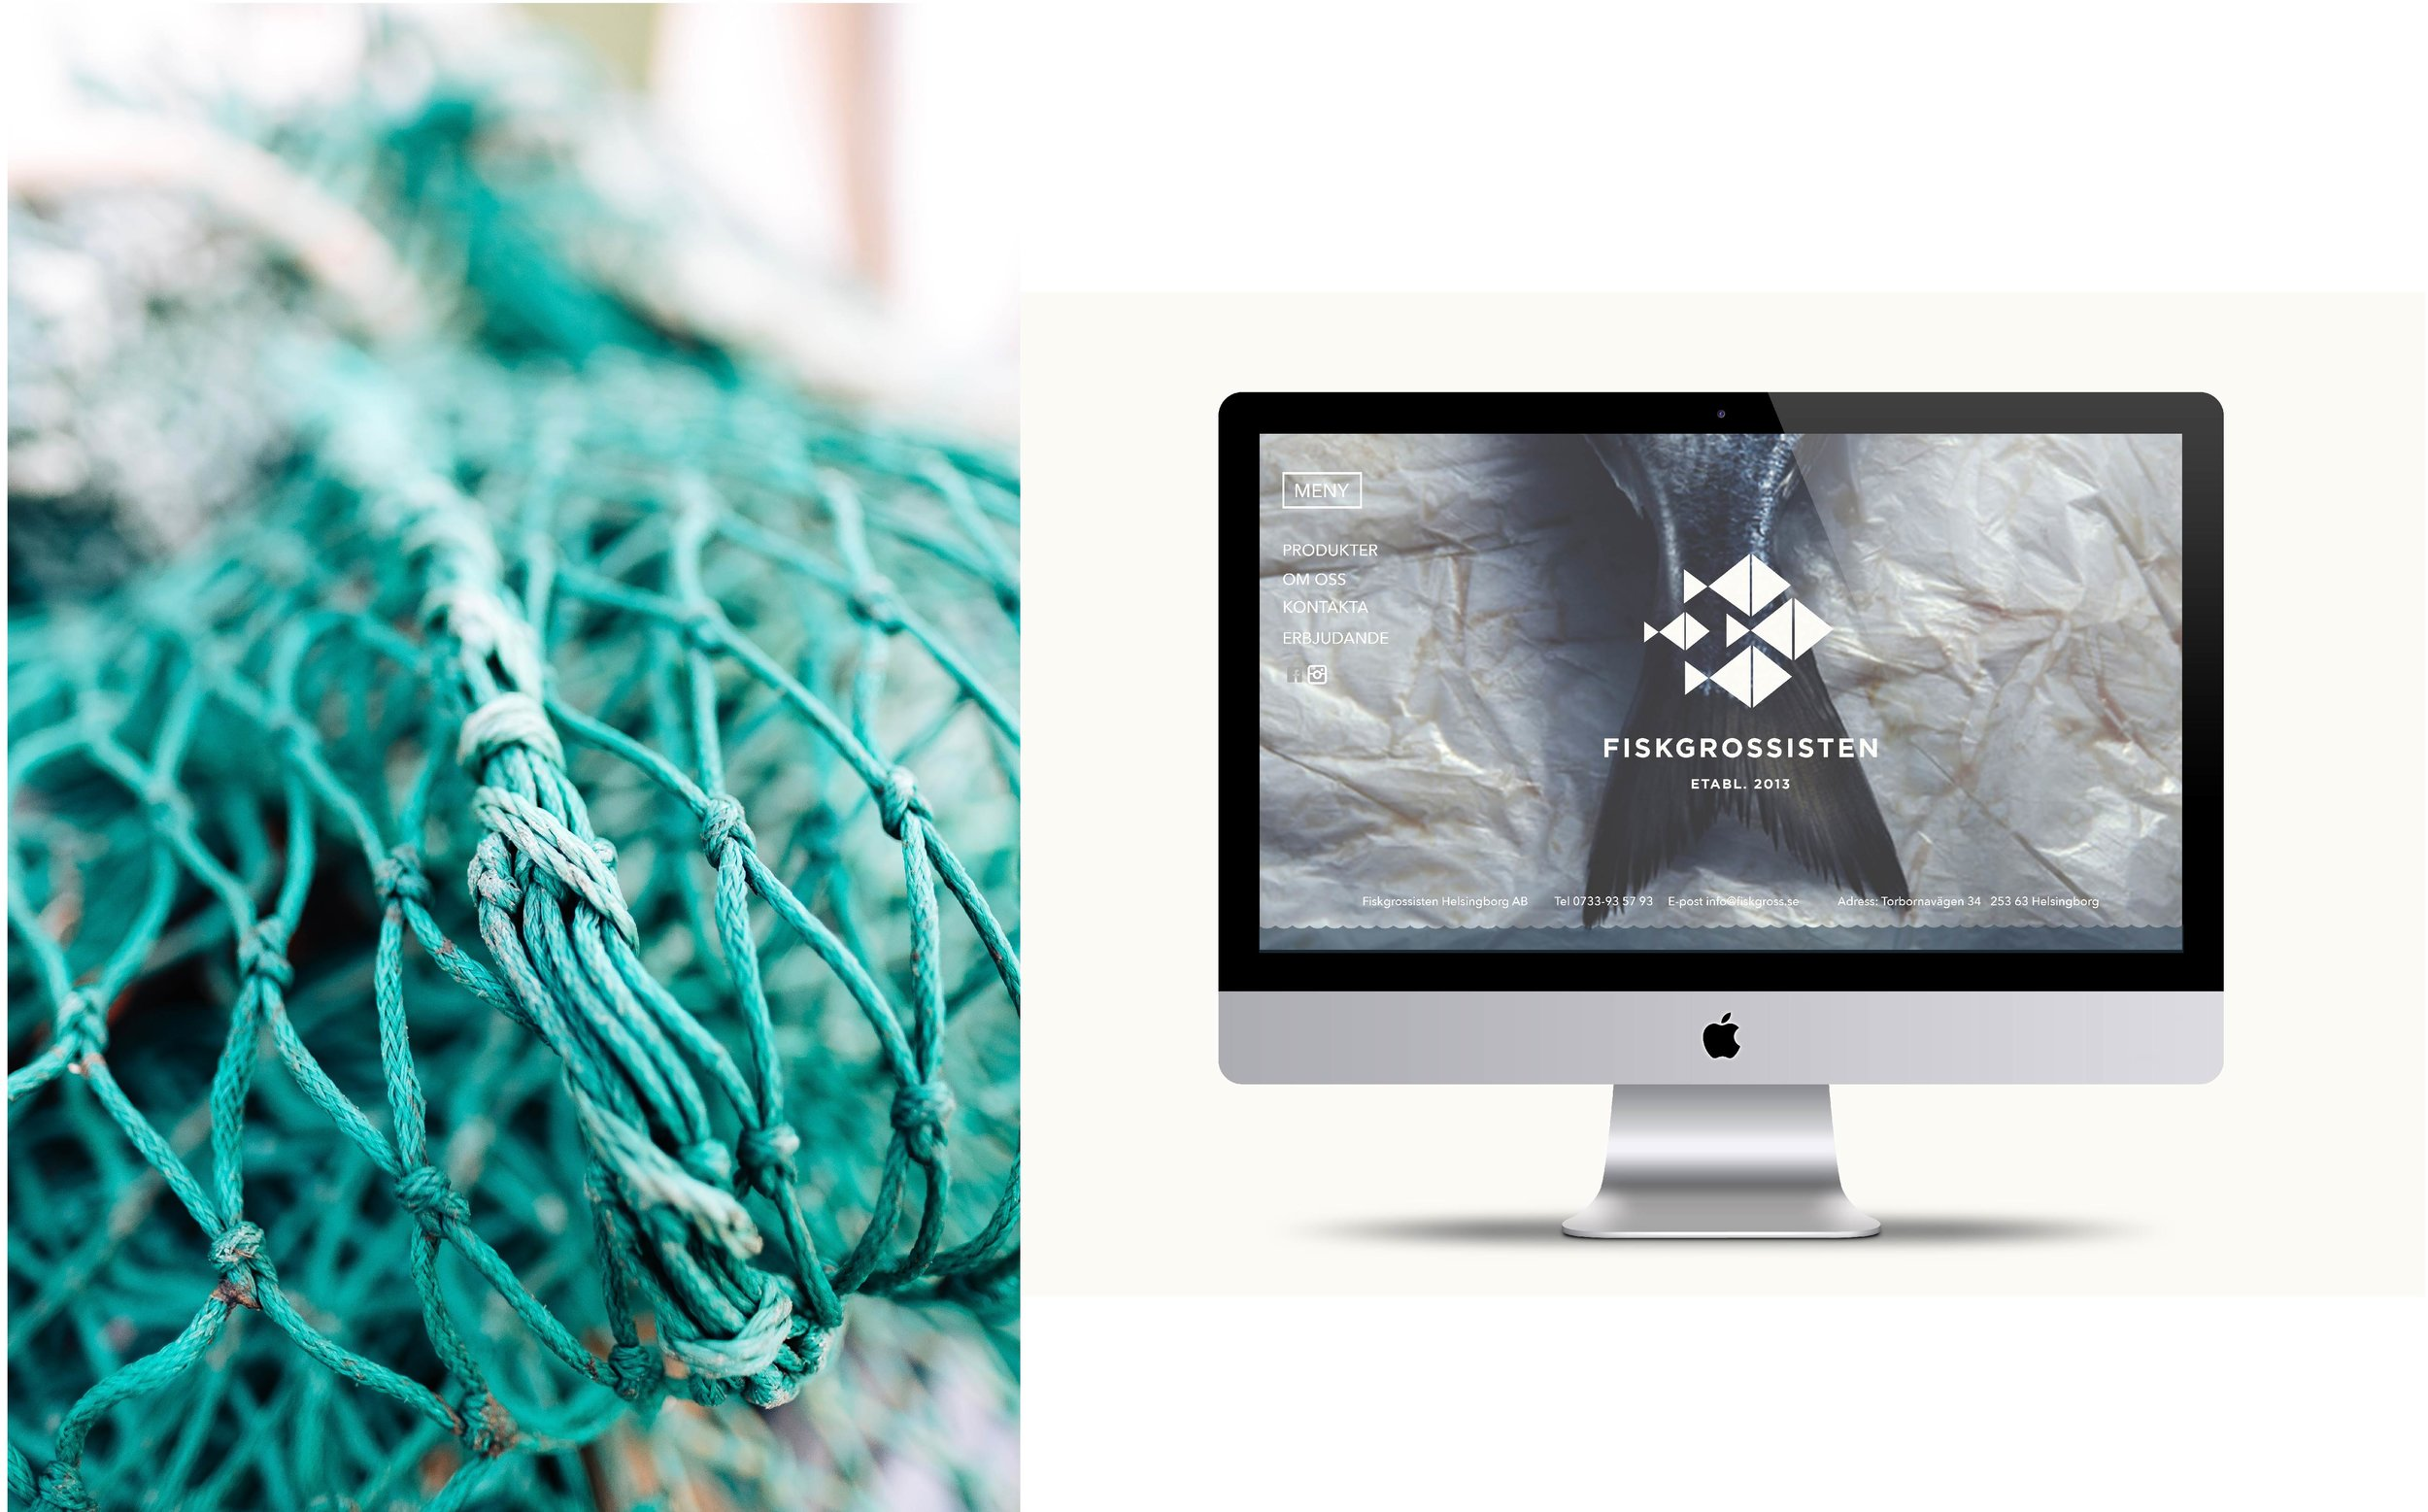 fiskgrossisten-06.jpg